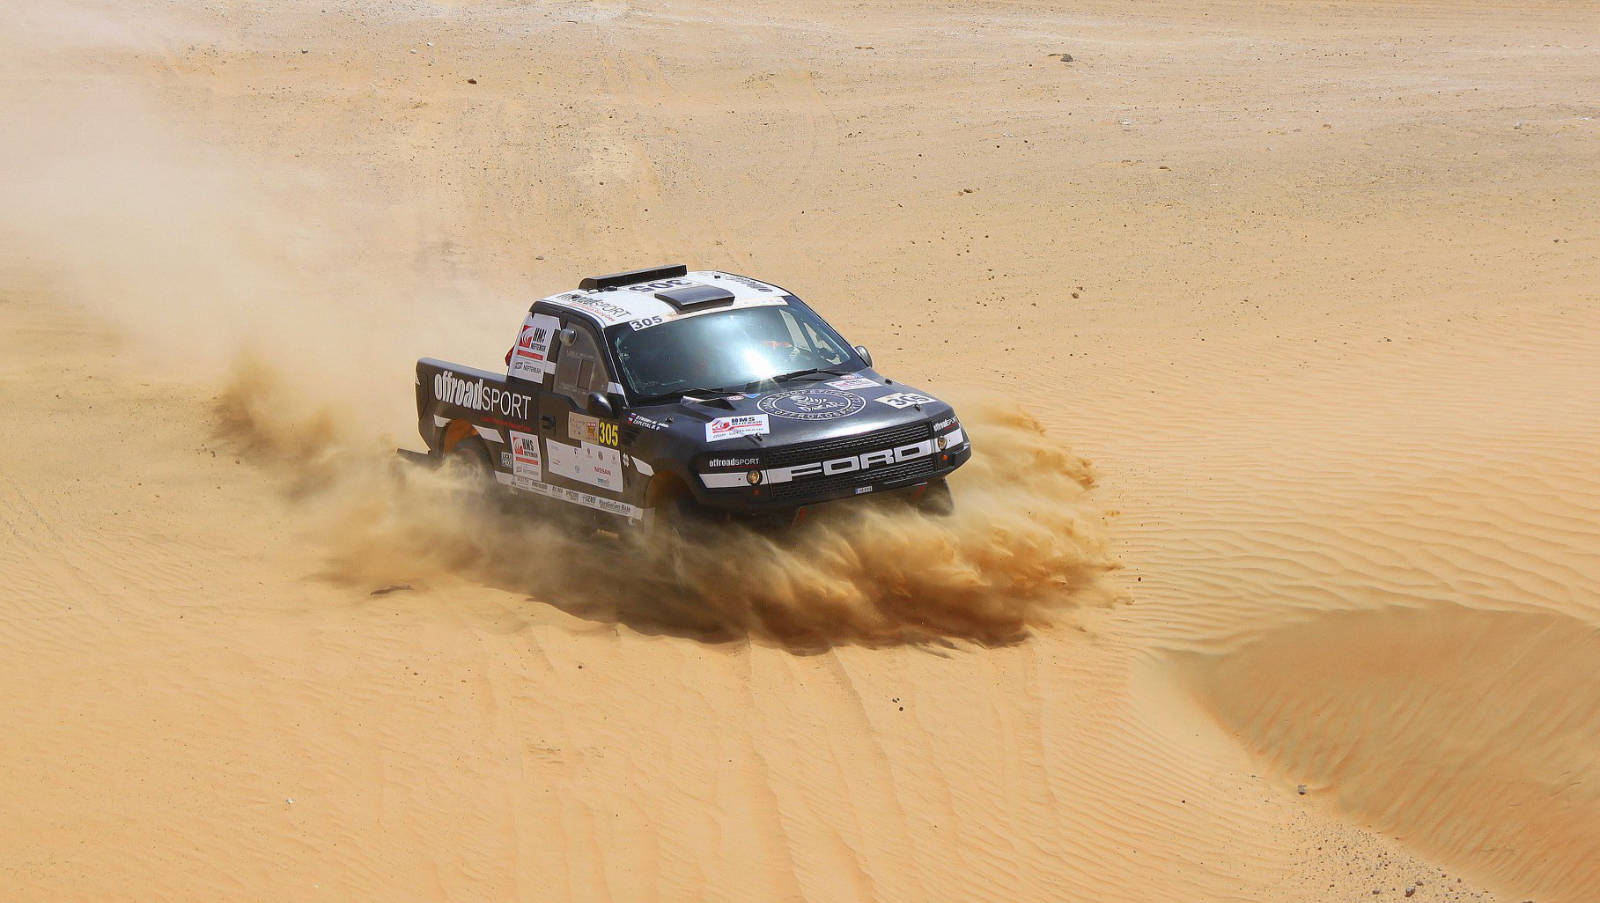 Miroslav Zapletal, Abu Dhabi Desert Challenge 2019